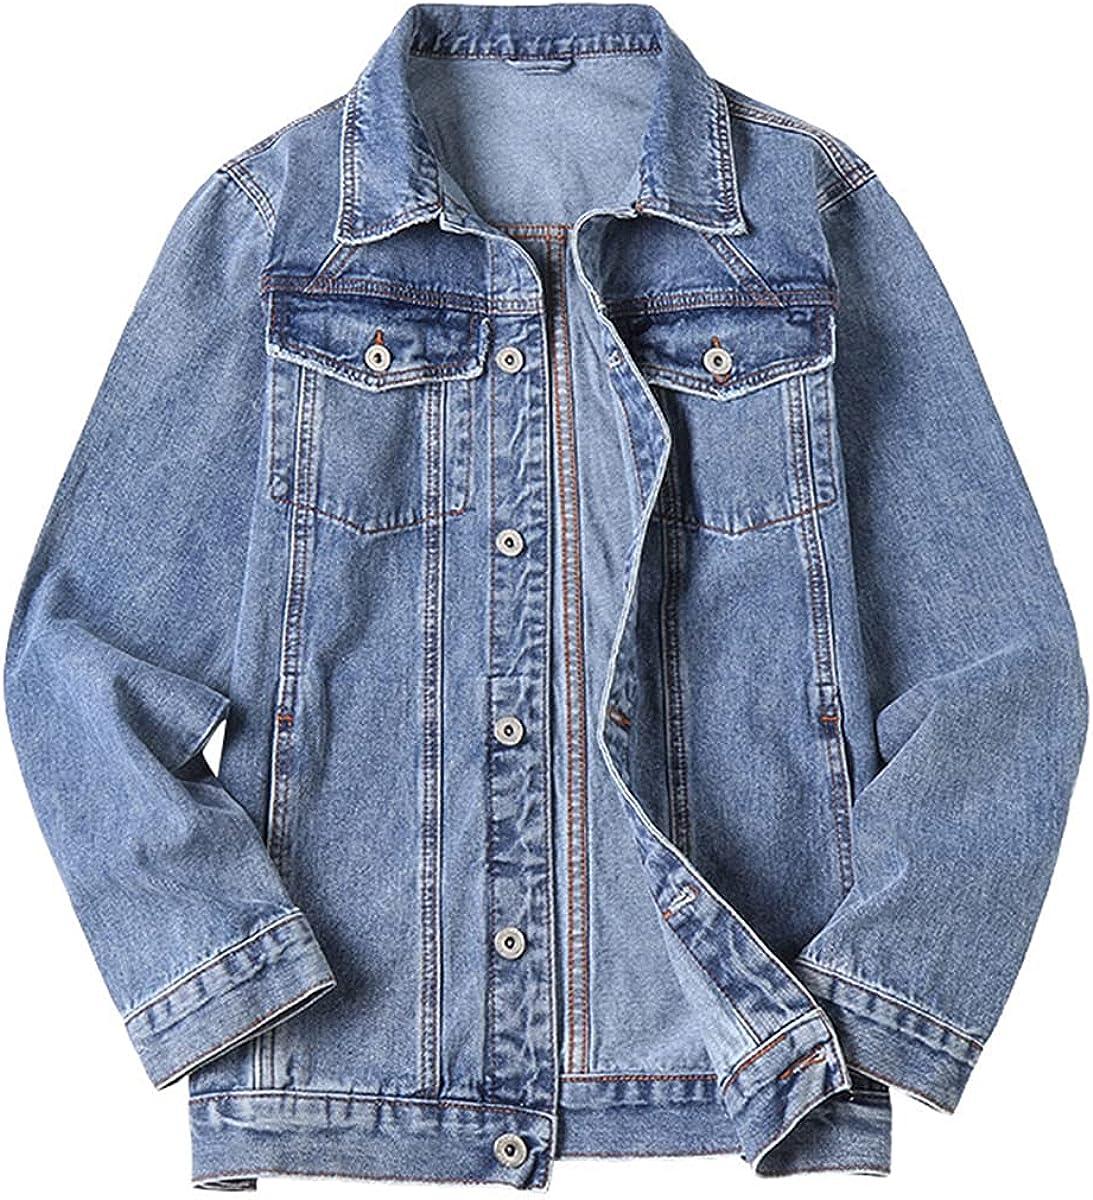 Men's Denim Jacket Plus Size Light Blue Fashion Design Spring Large Denim Jacket